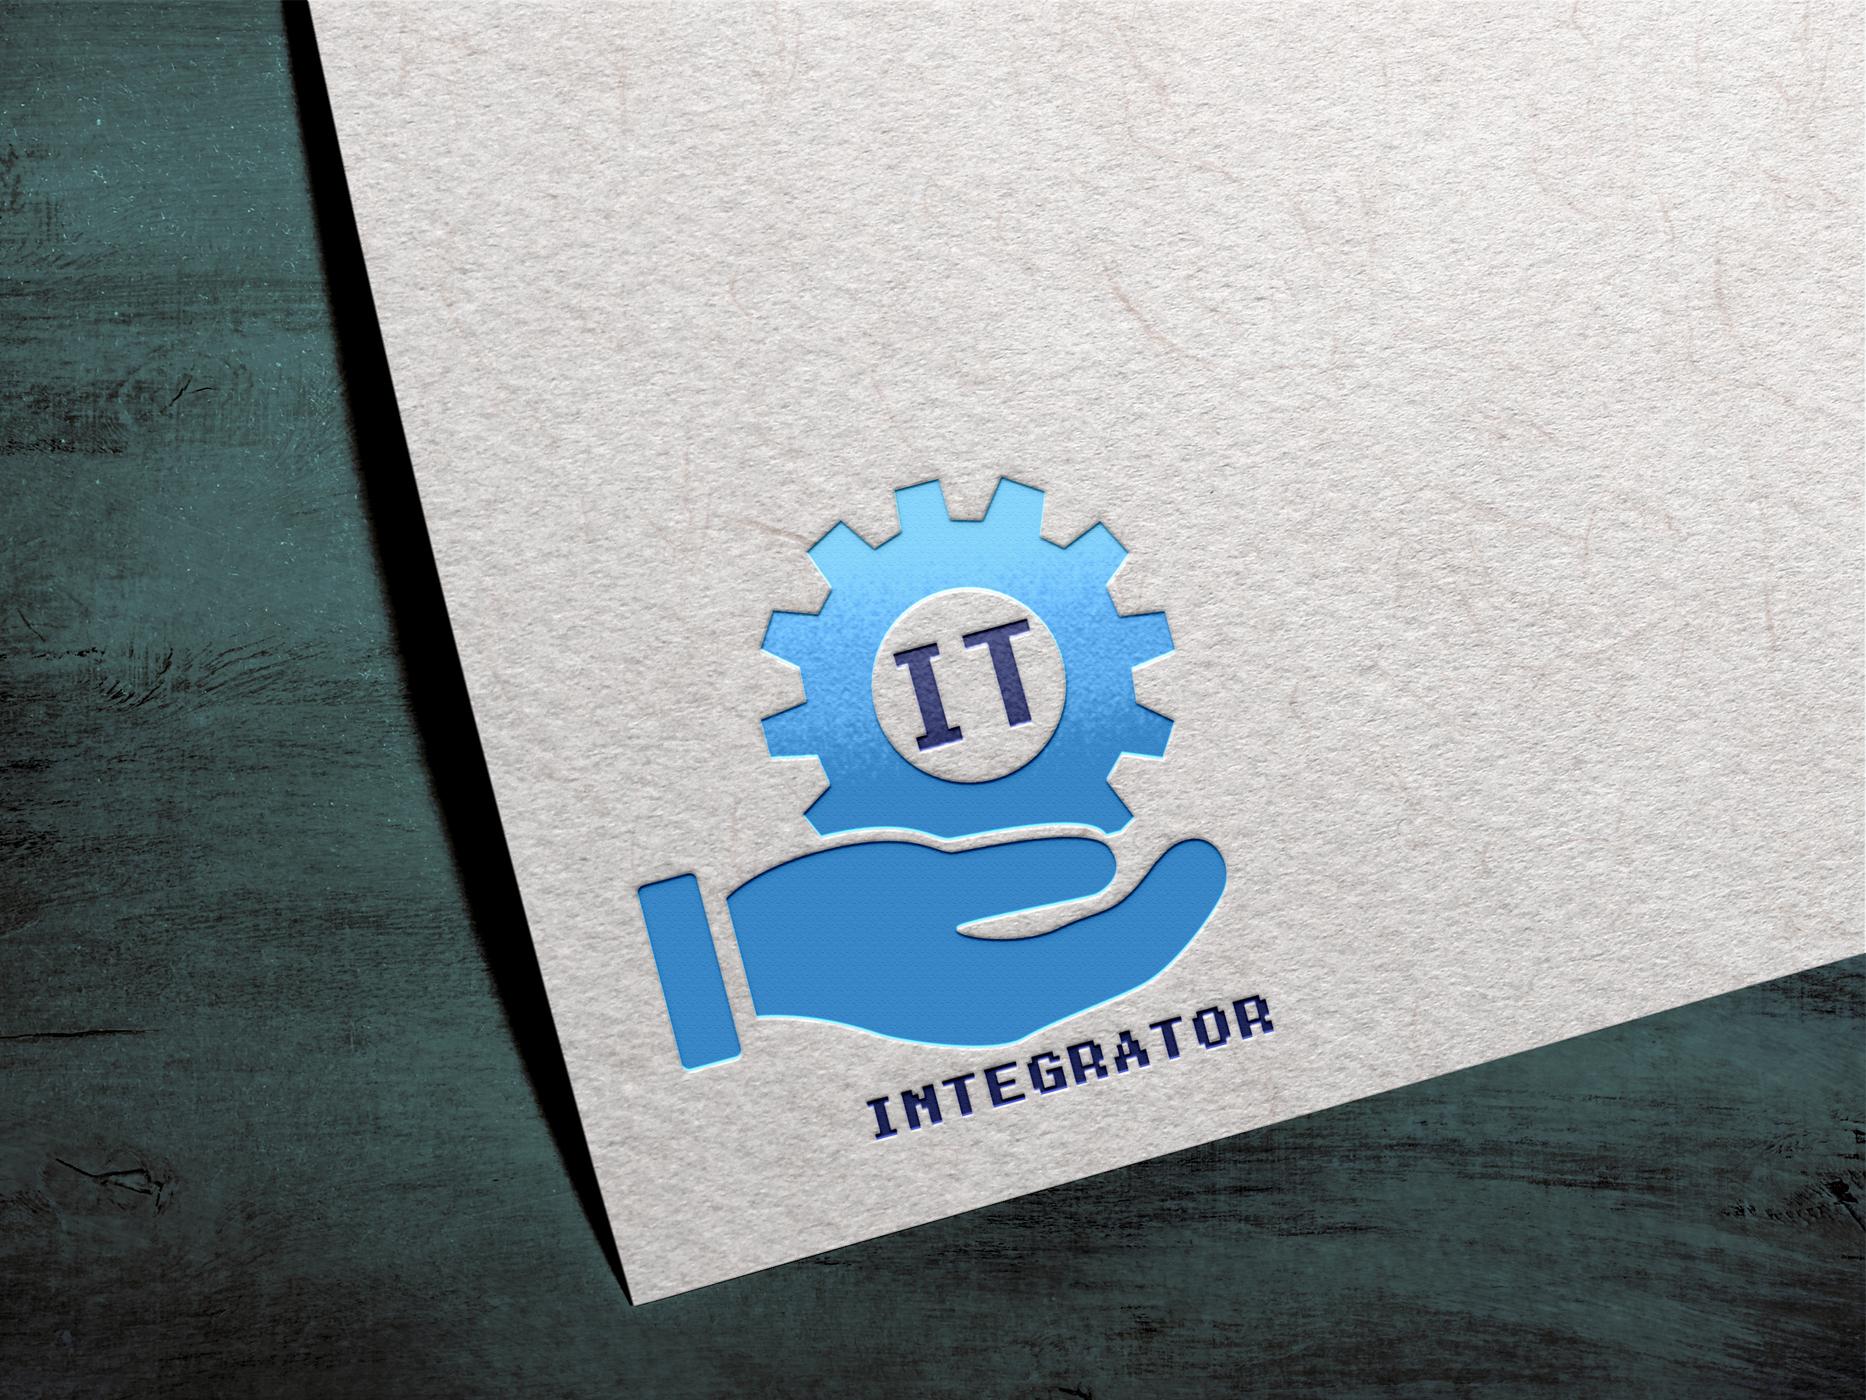 Логотип для IT интегратора фото f_370614a33b2d5405.jpg